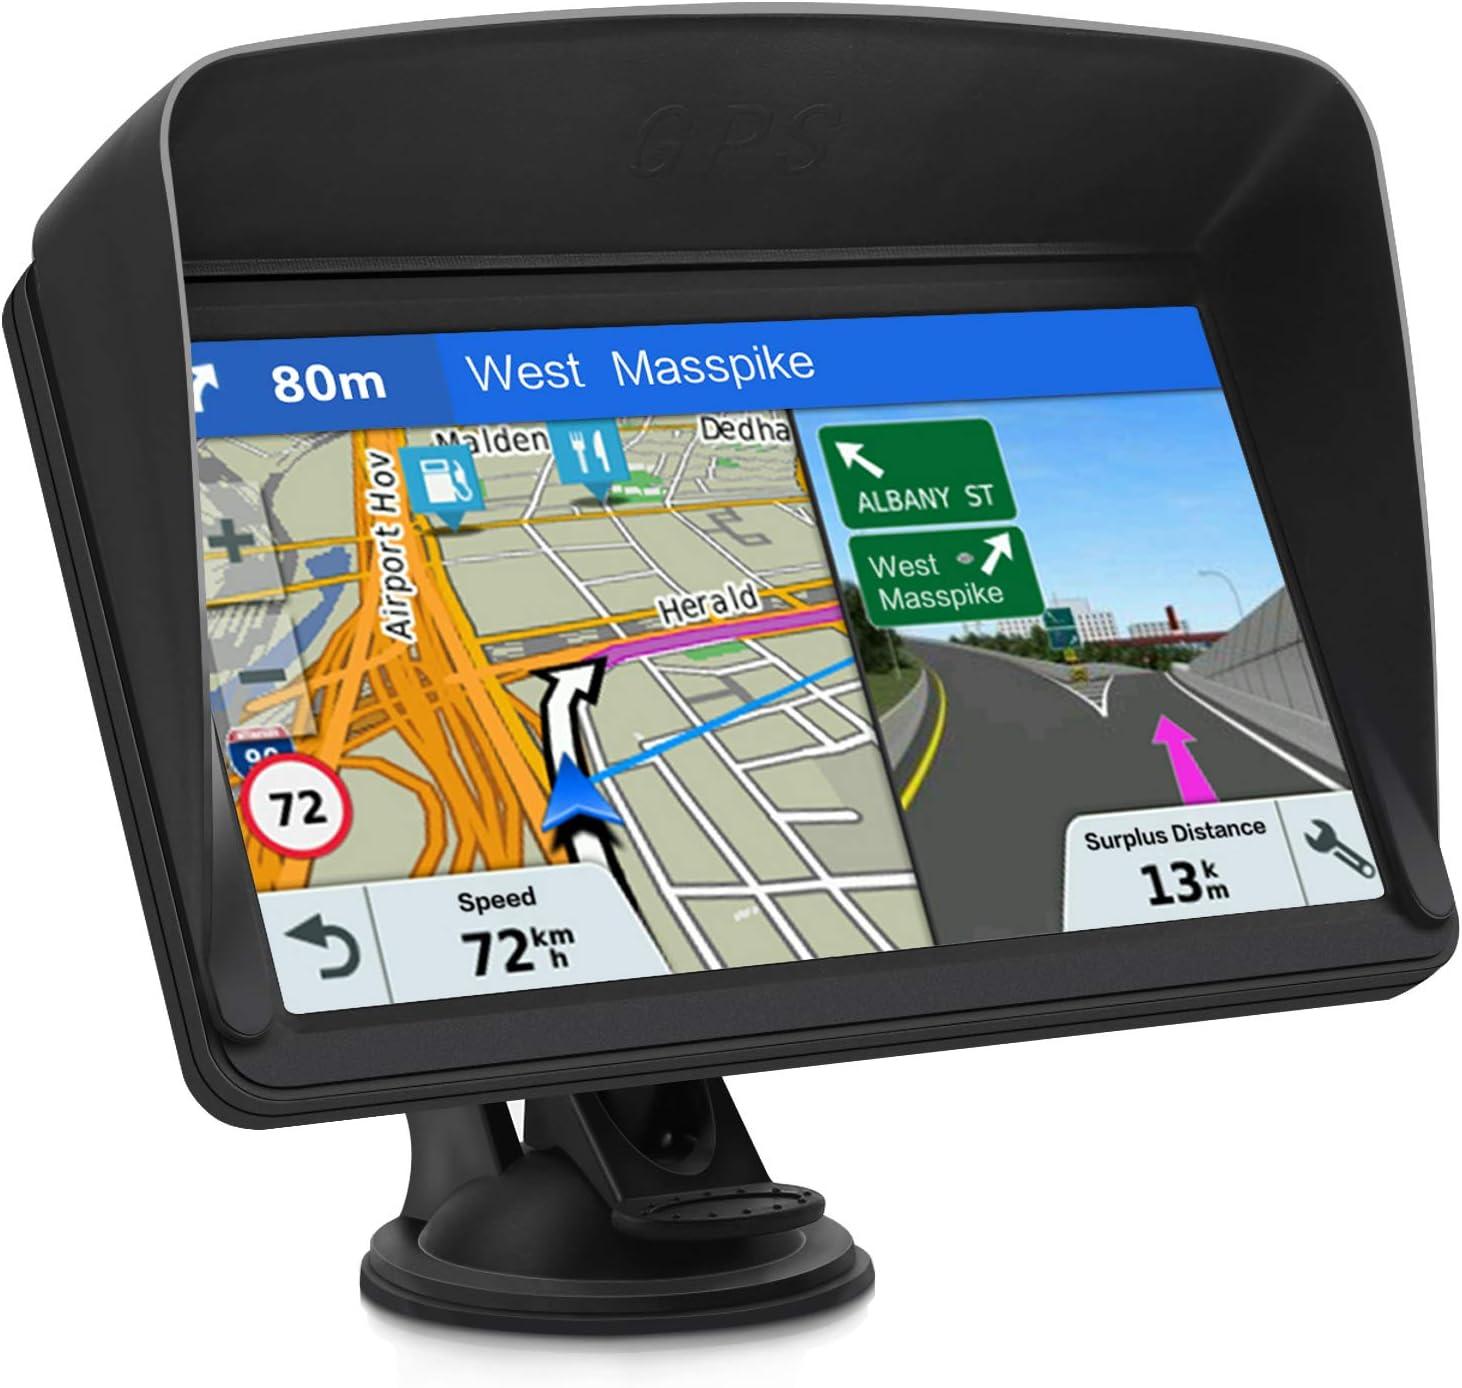 GPS-навигатор: как выбрать надежное устройство - фото 4